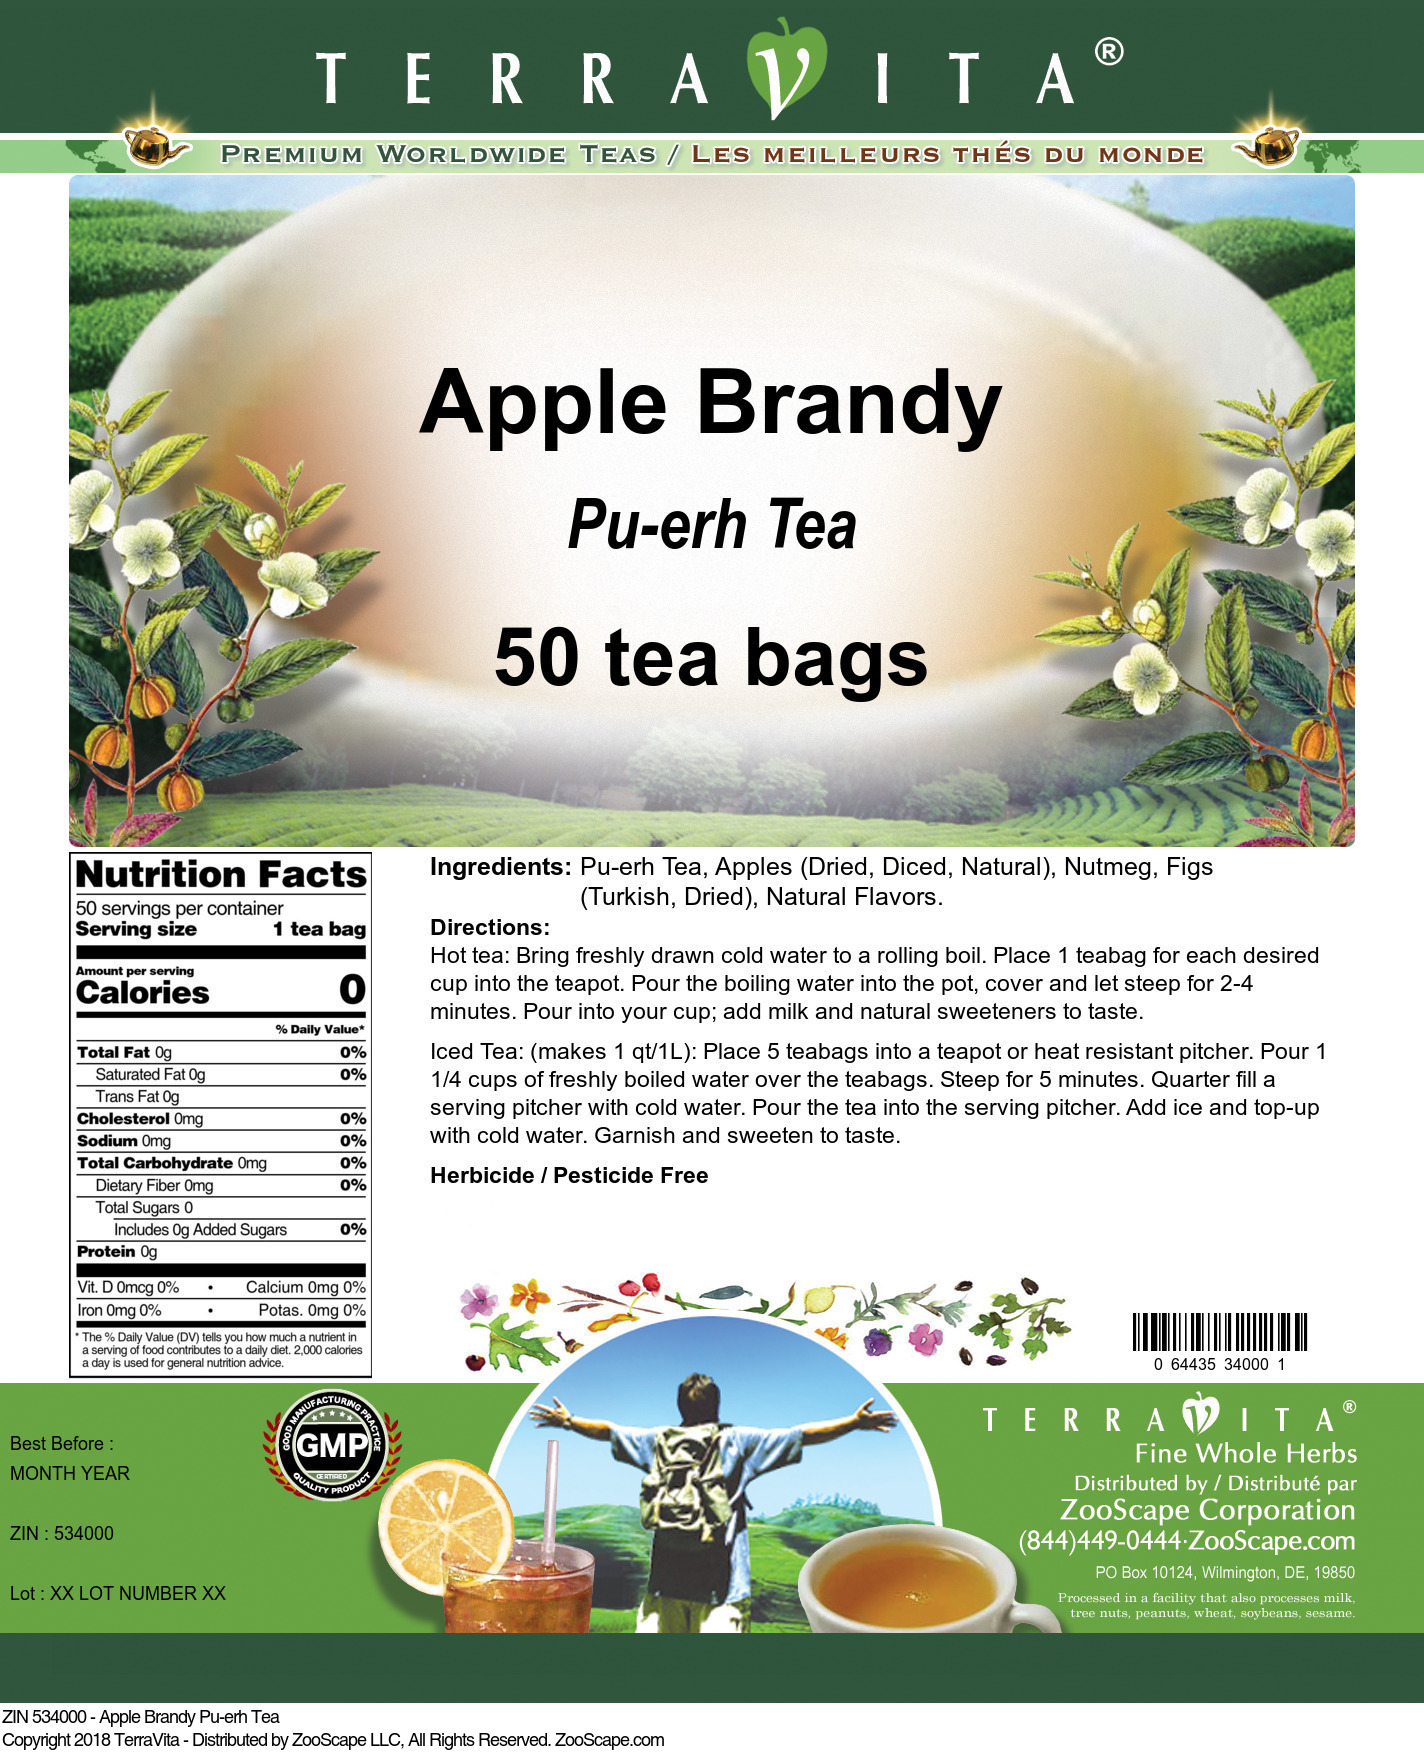 Apple Brandy Pu-erh Tea